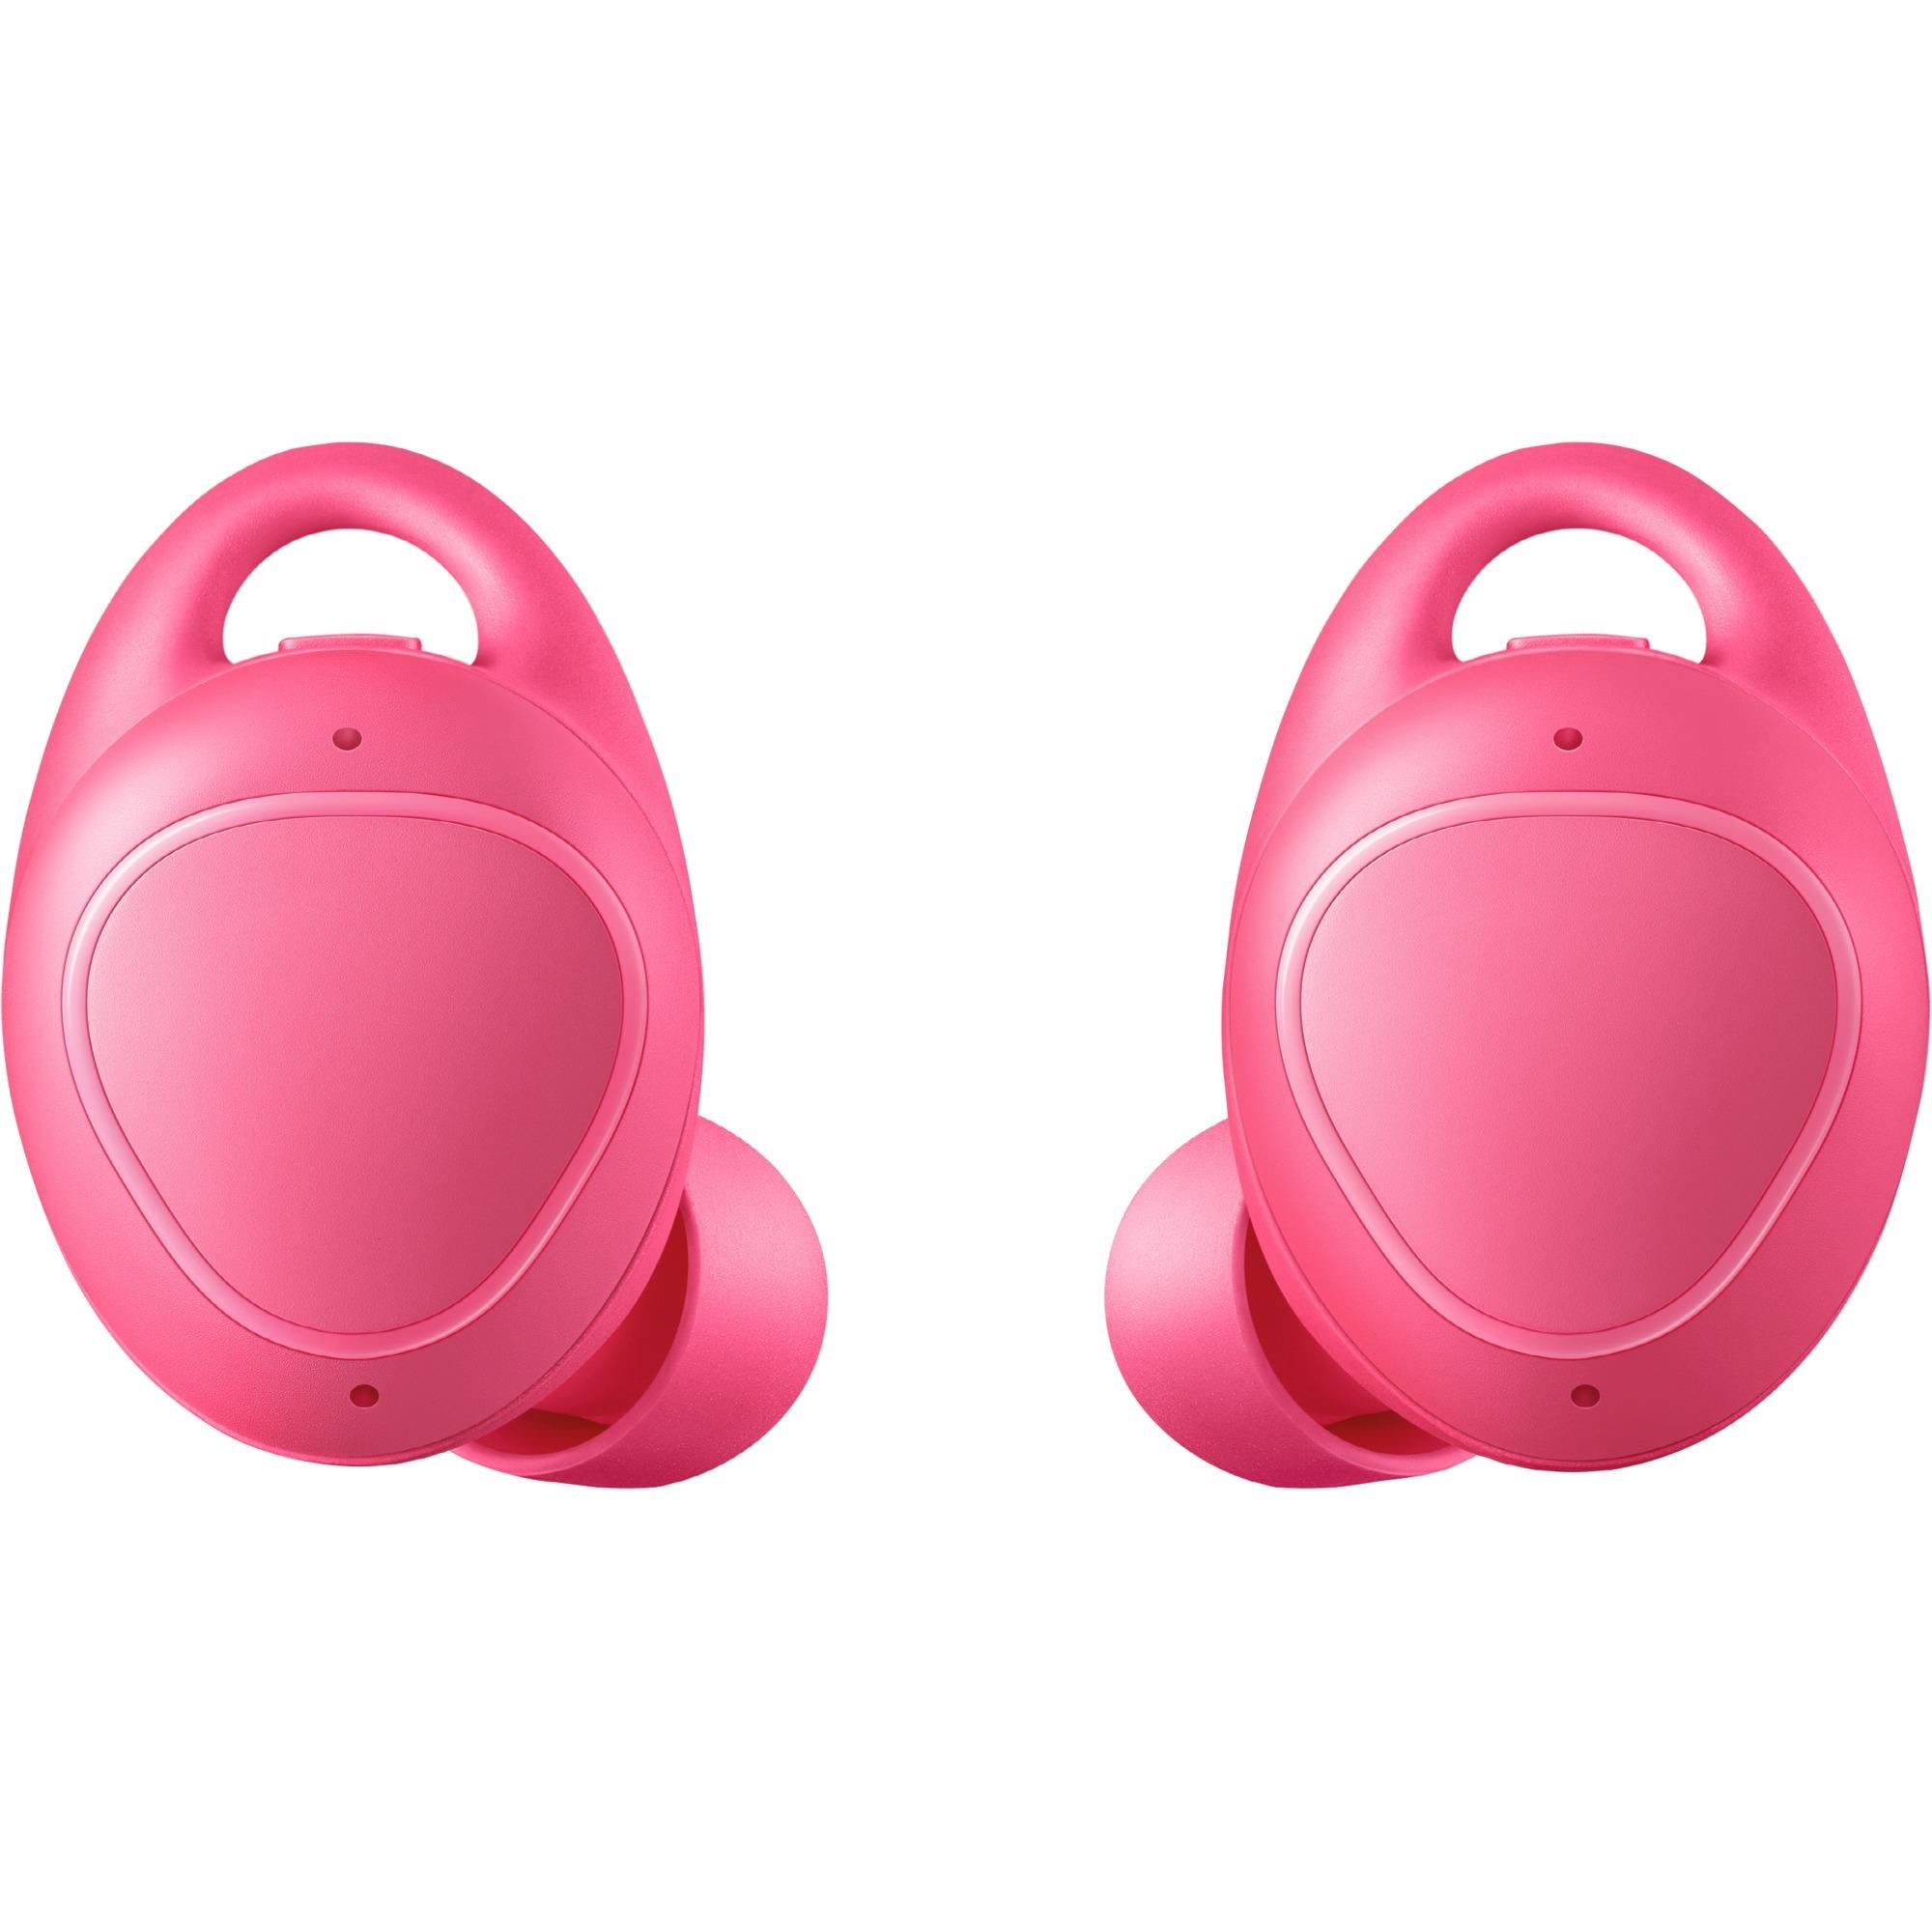 Gear IconX (2018) écouteur Binaural Sans fil Rose casque et micro, Casque d'écoute